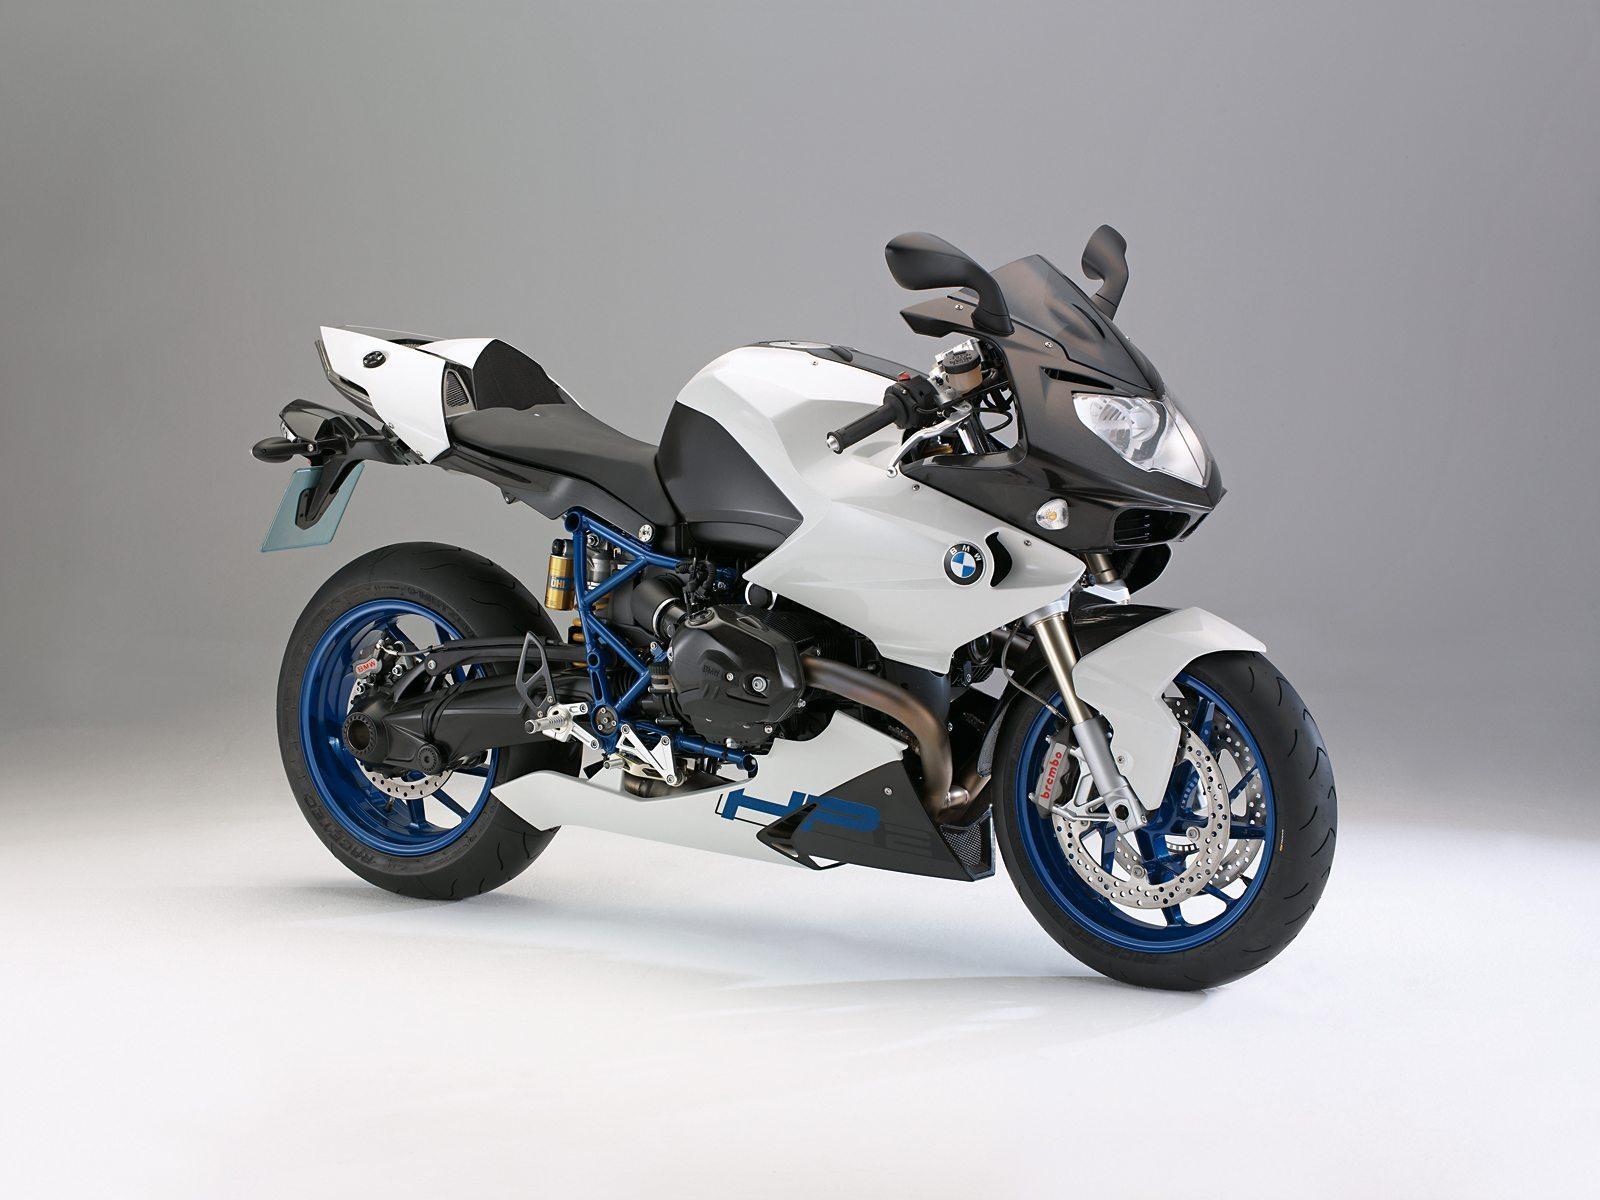 Bmw Hp2 Sport Motorcycles Wallpaper 14487459 Fanpop